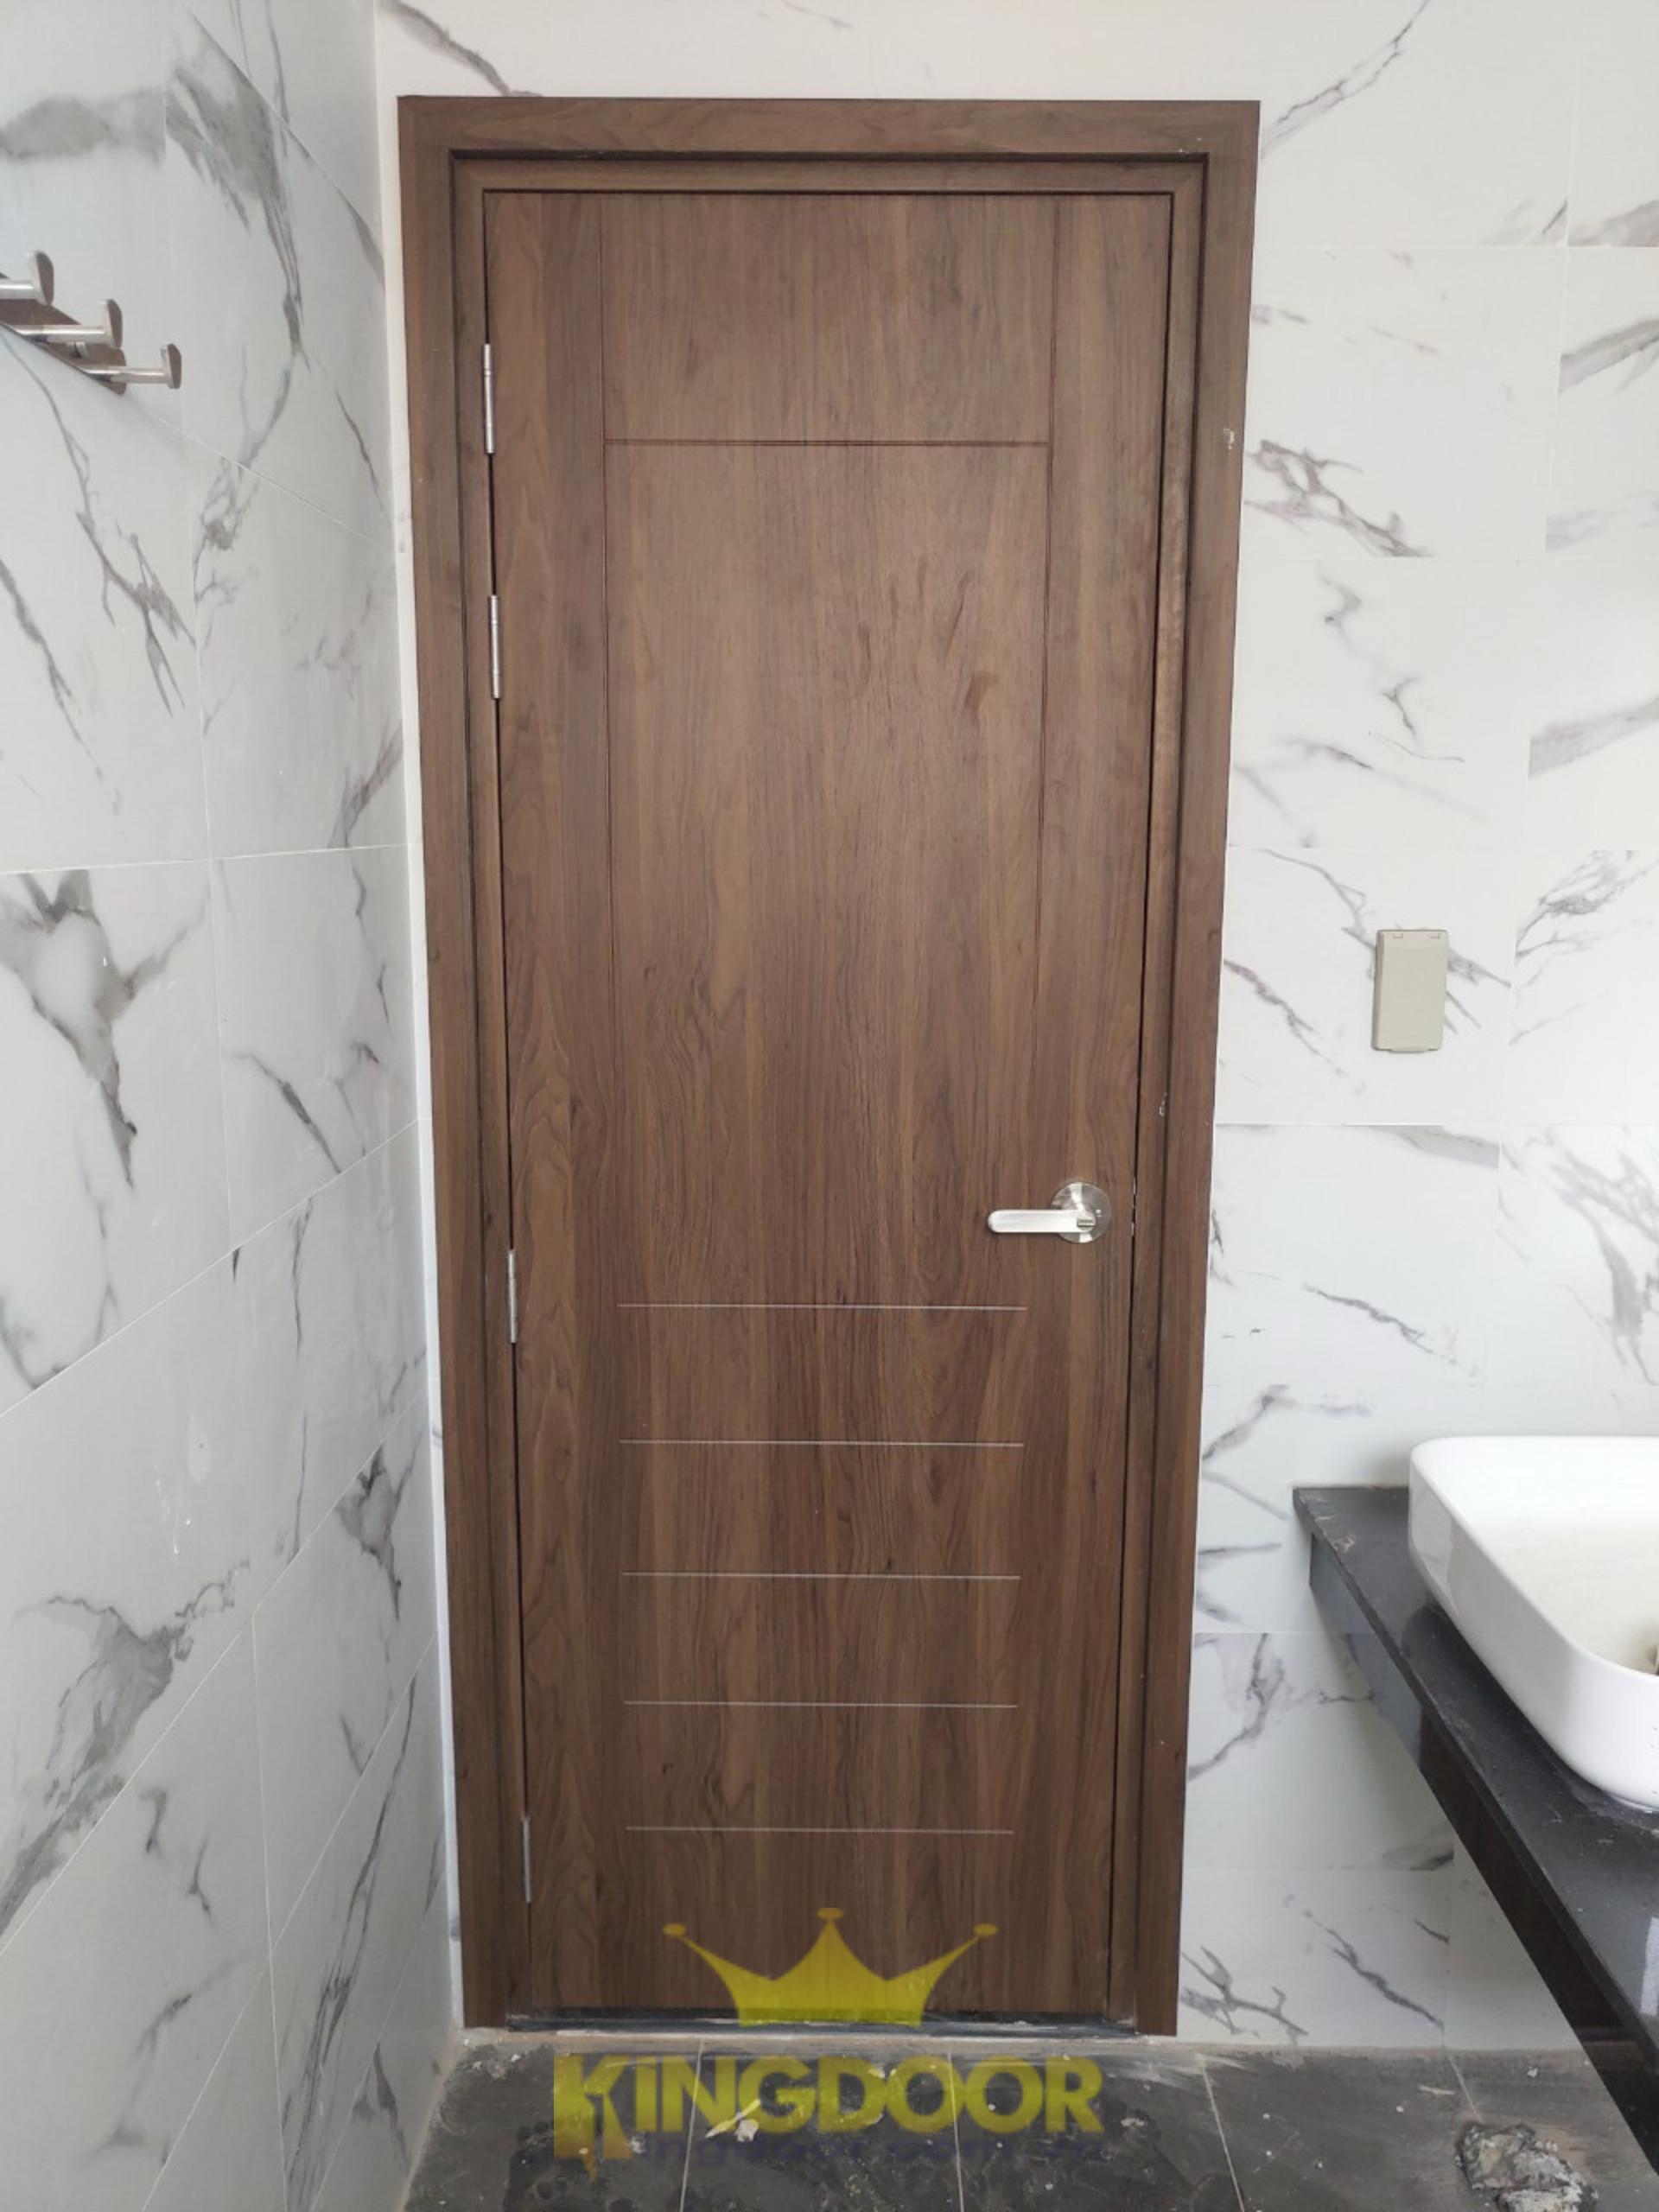 Cửa nhựa gỗ Composite phủ da, được lắp dựng tại Tam Phú, Thủ Đức